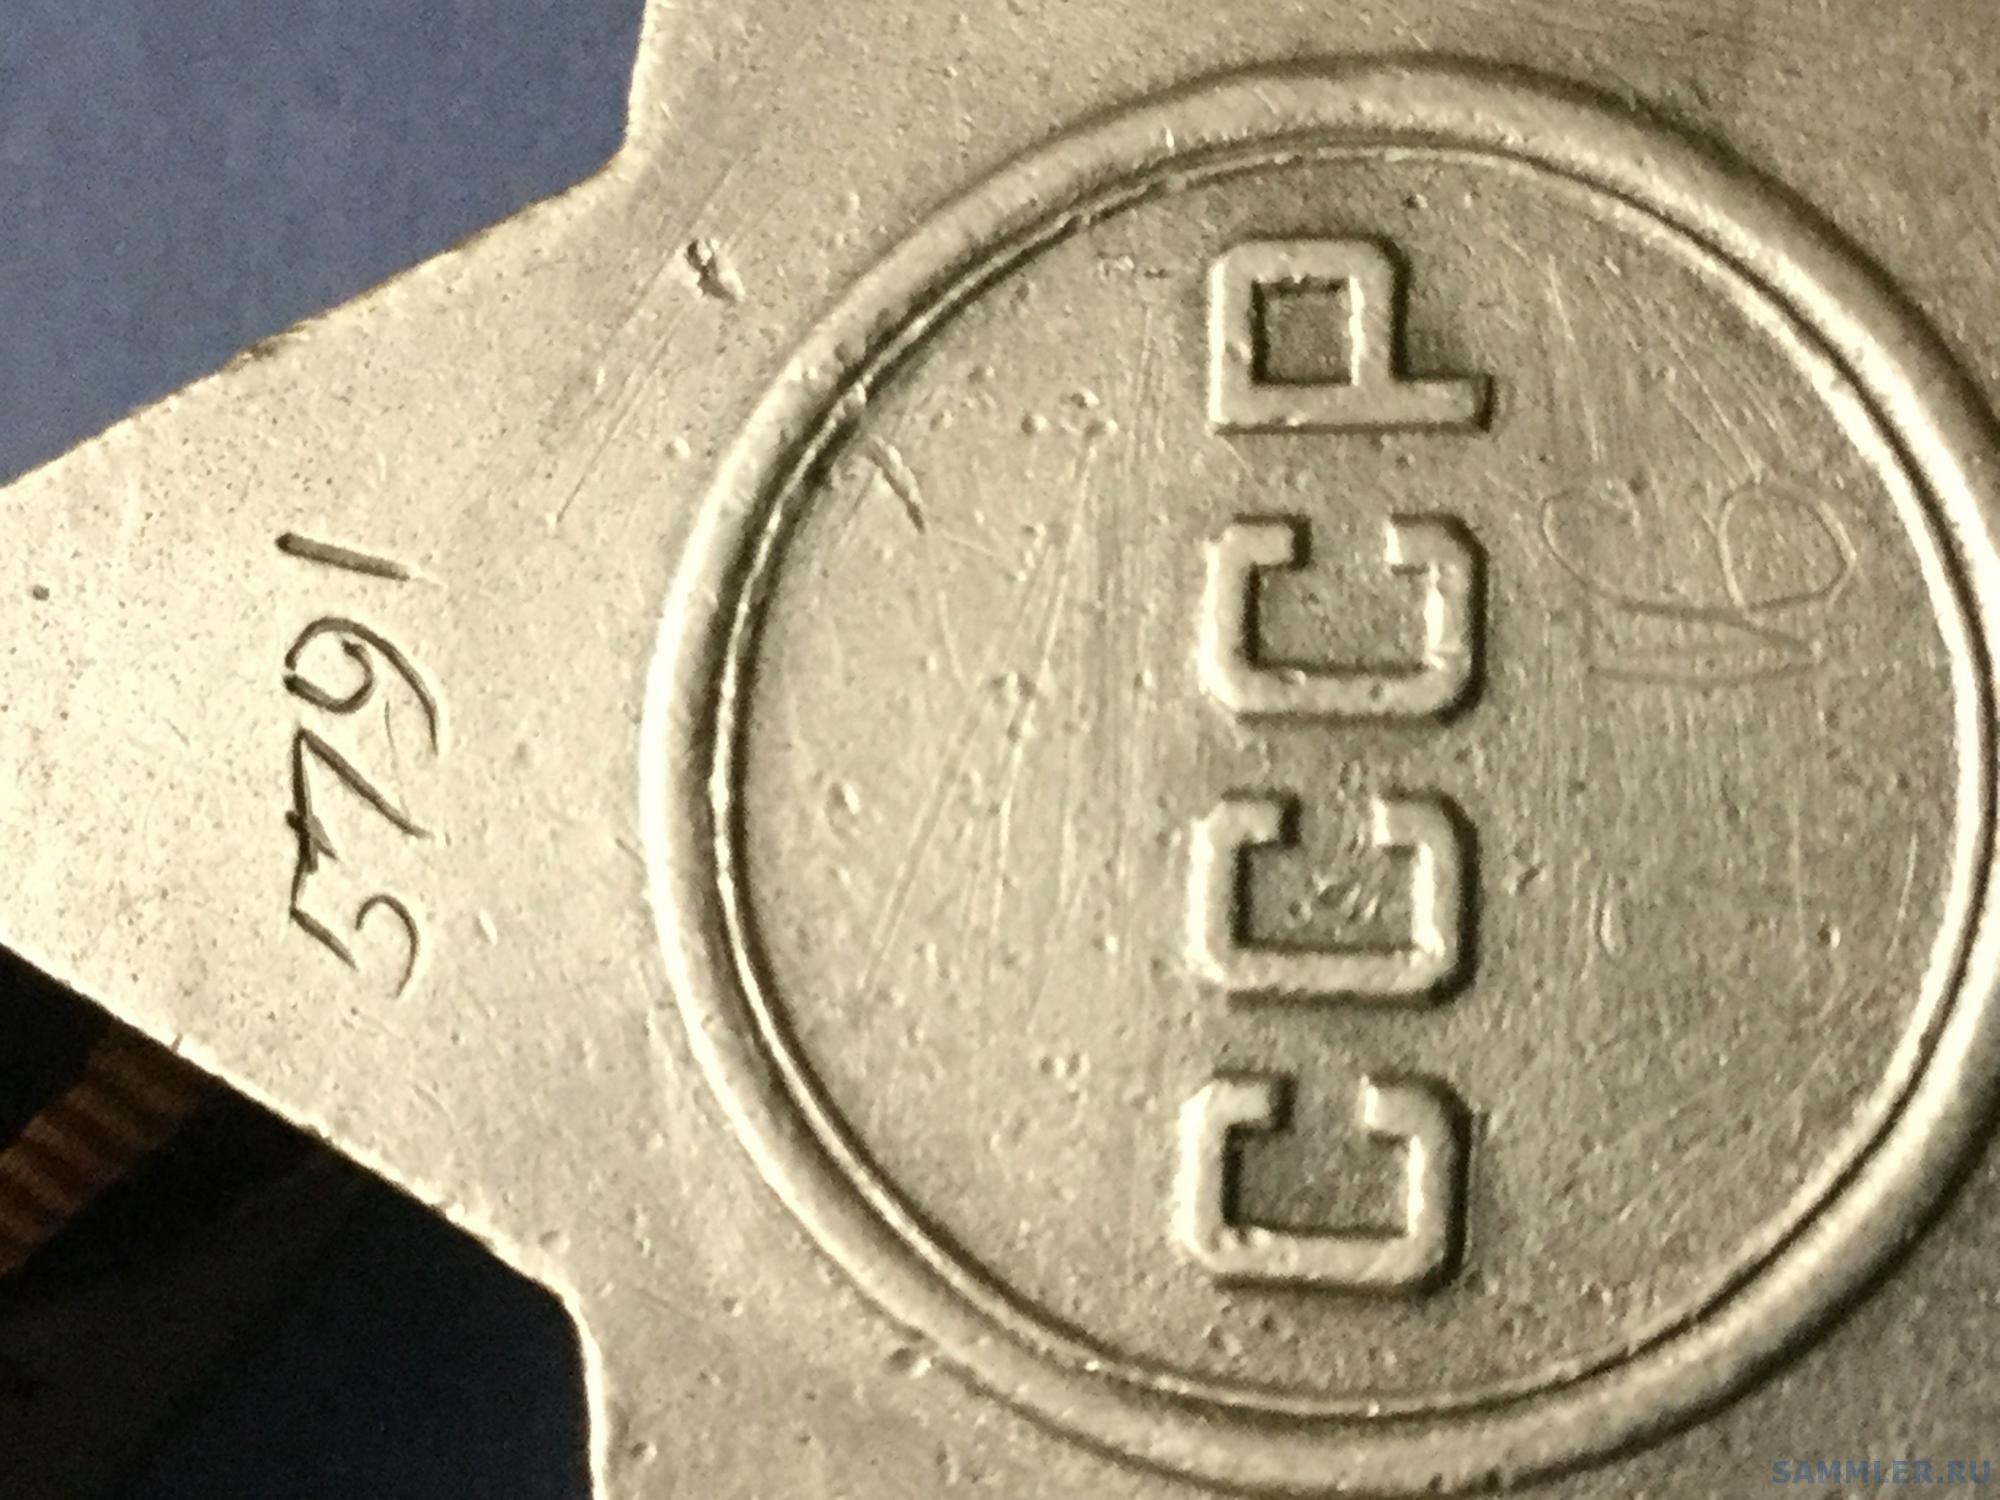 B2938894-385B-42F7-81C0-05632555B17F.jpeg